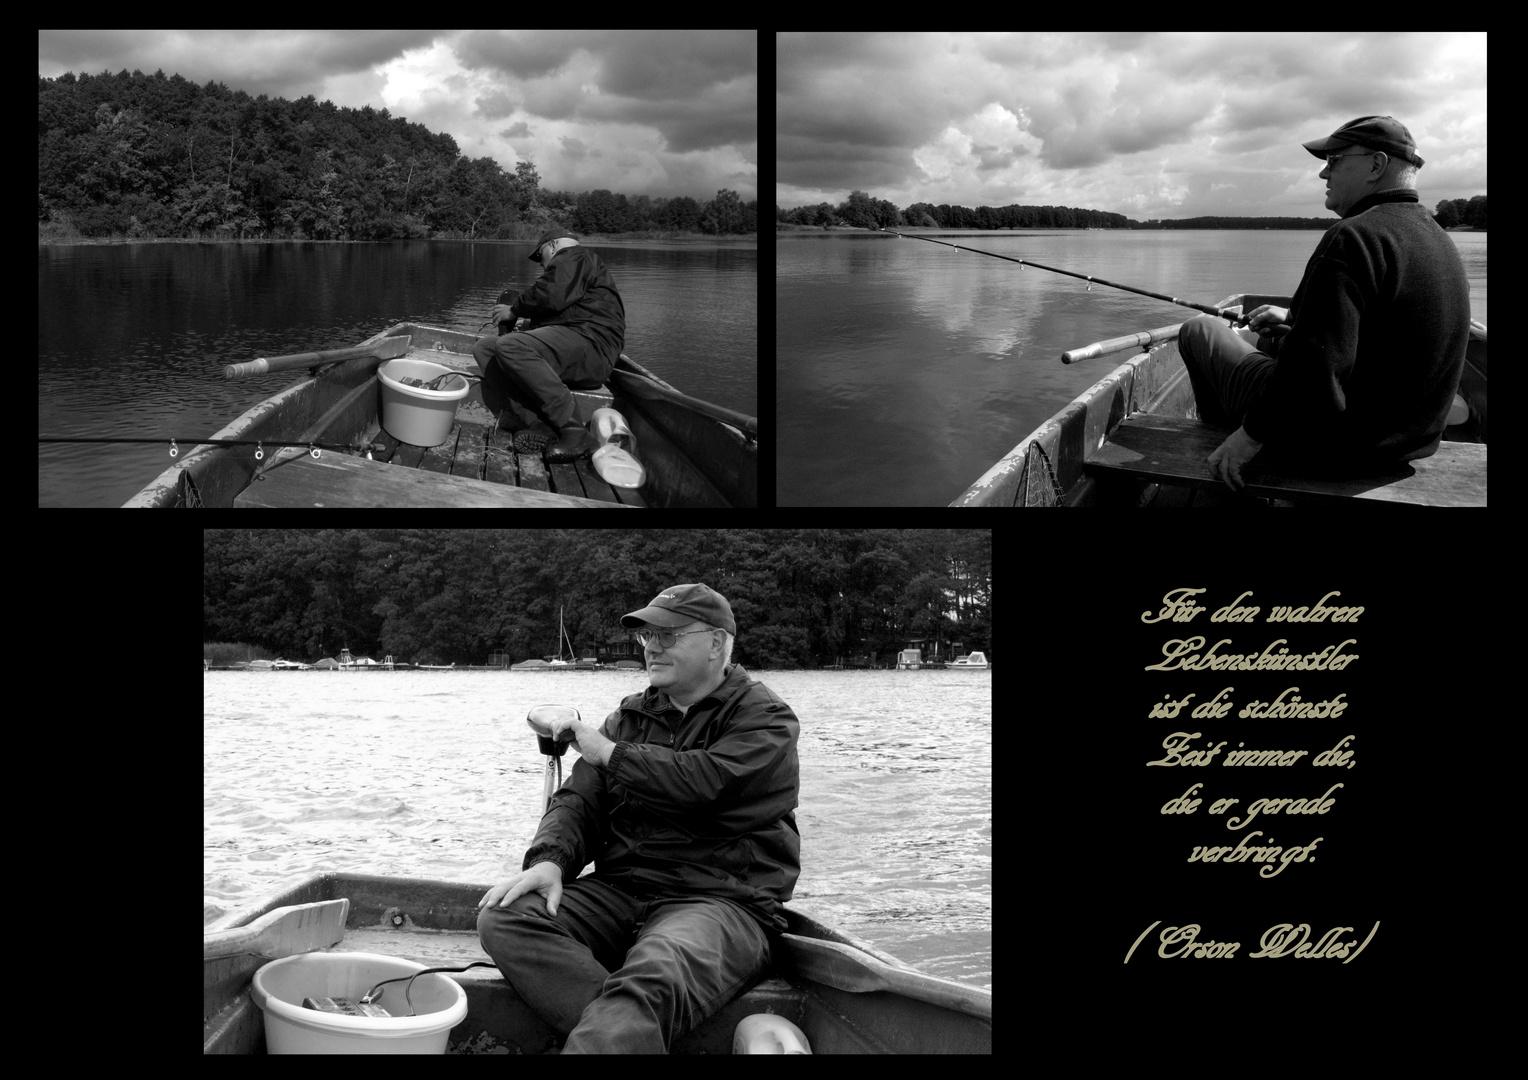 Lebenskünstler - Der Angler